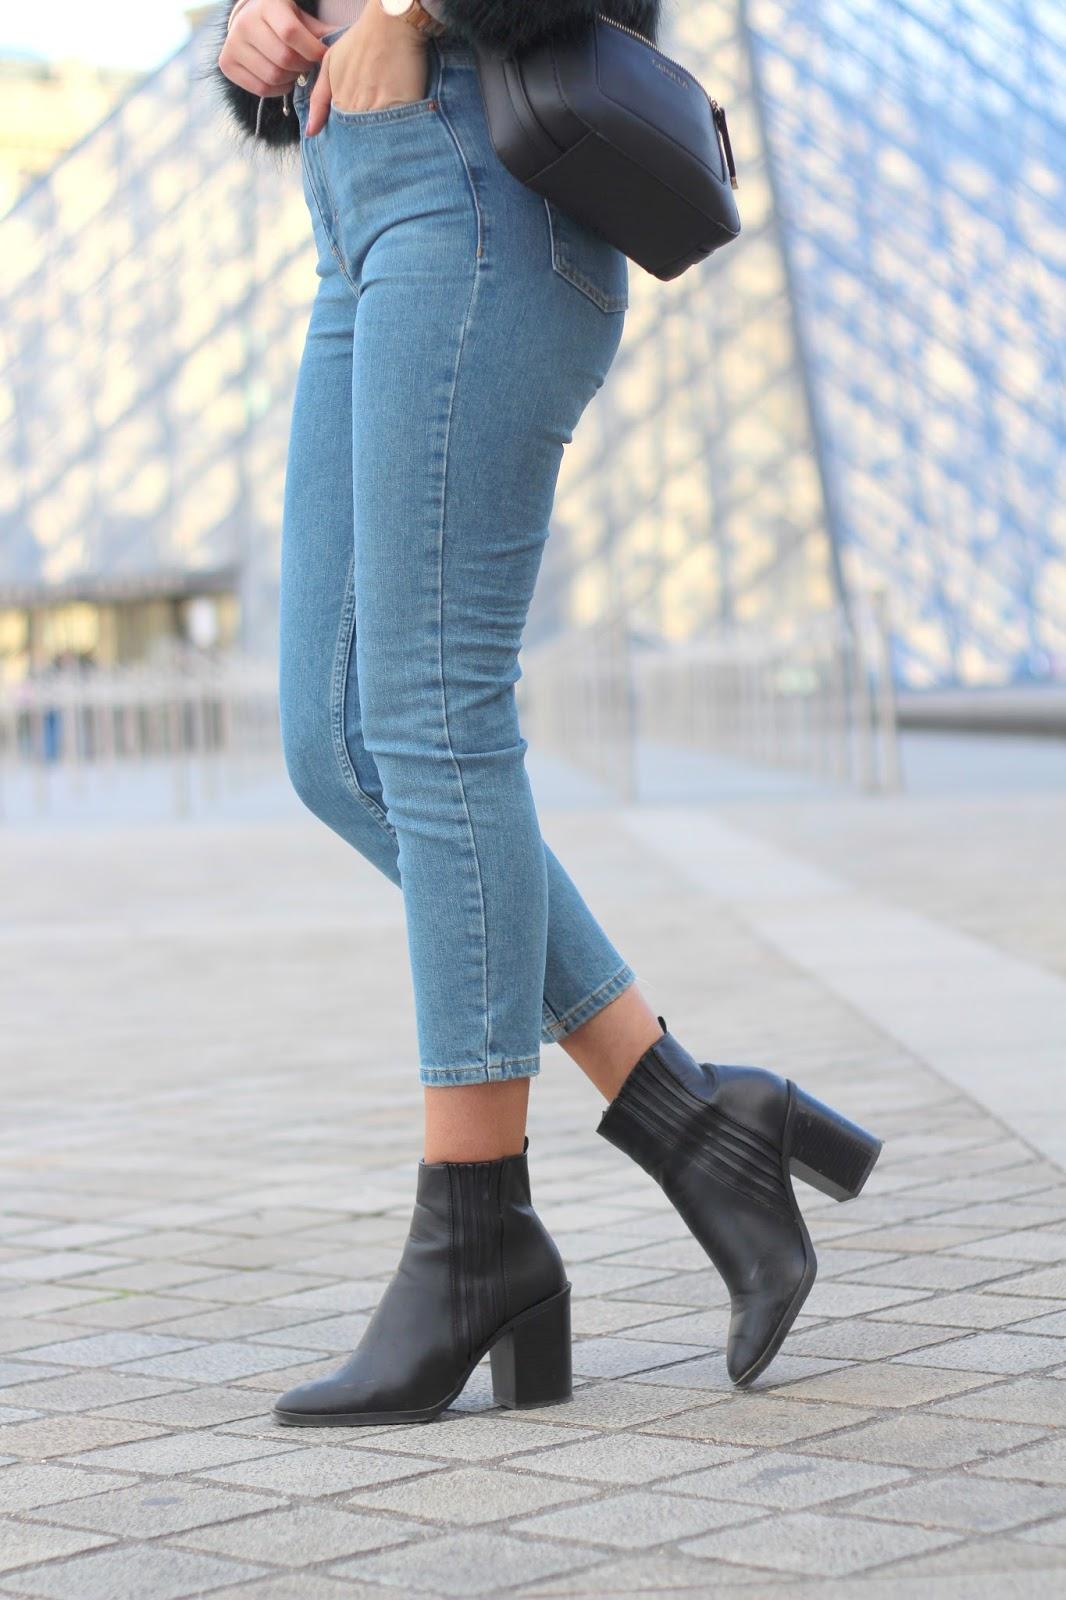 topshop orson jeans